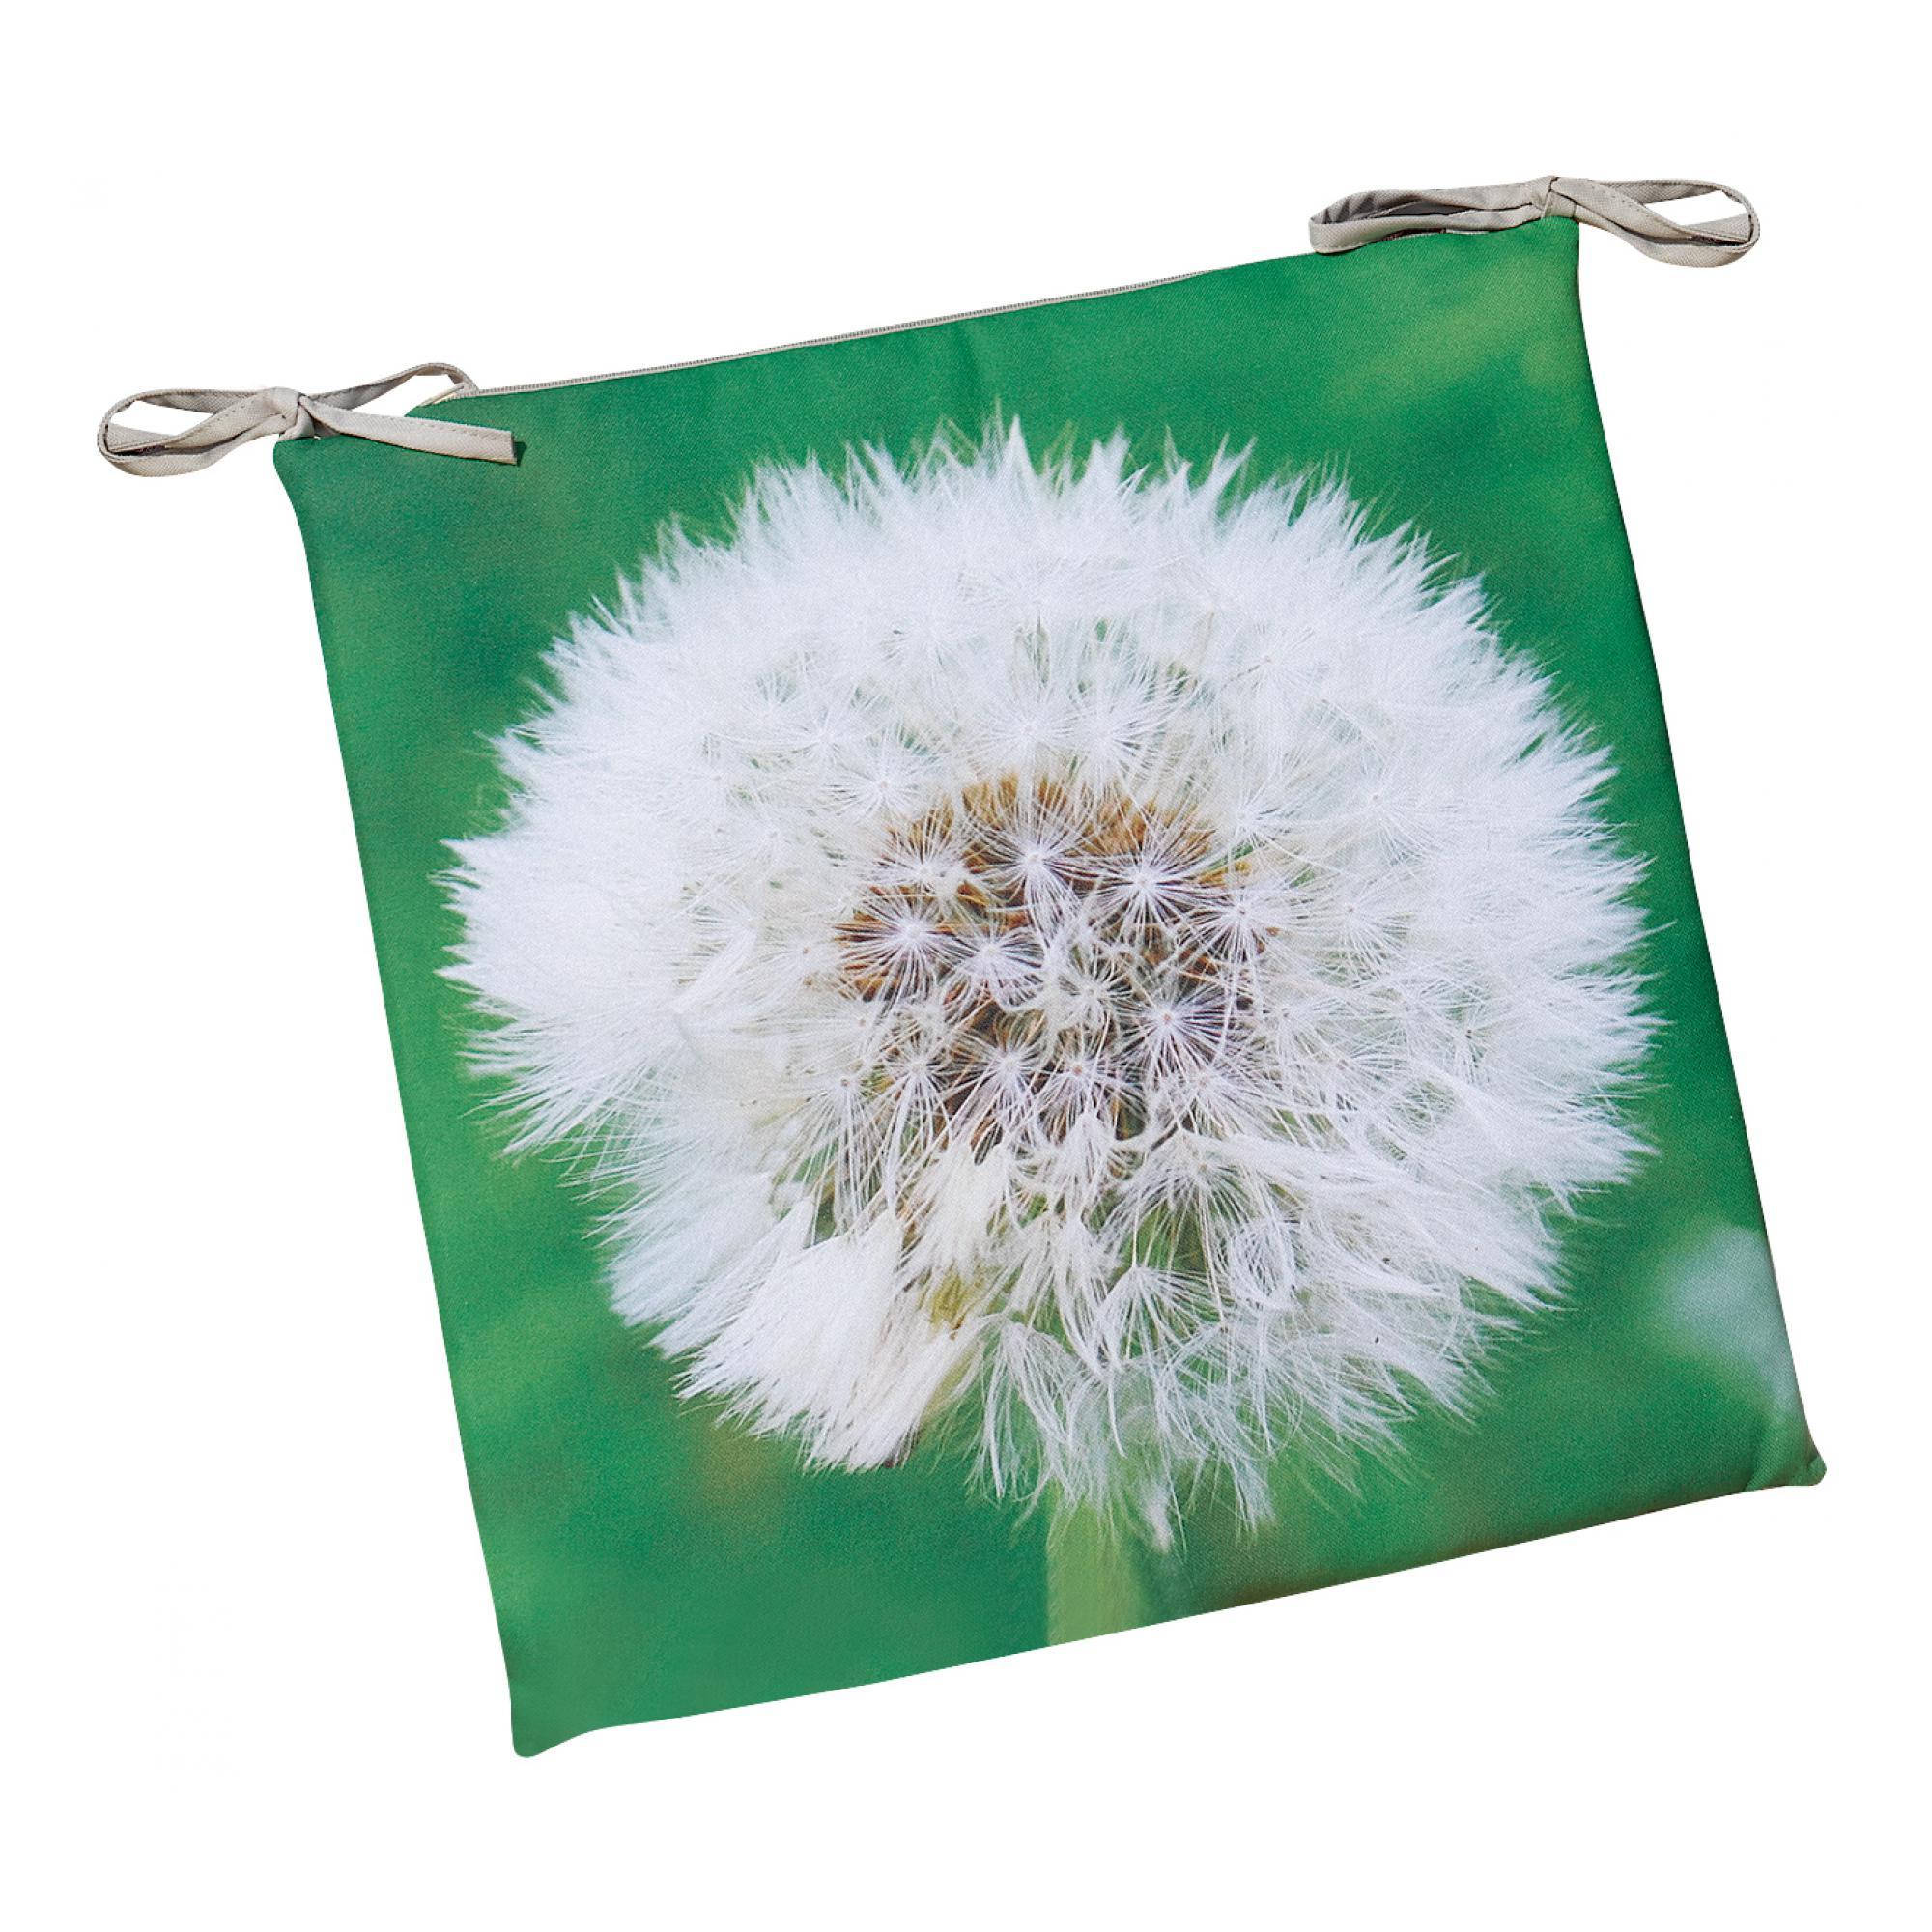 Galette de chaise plate Imprimée Outdoor herbe 38 x 38 x 2